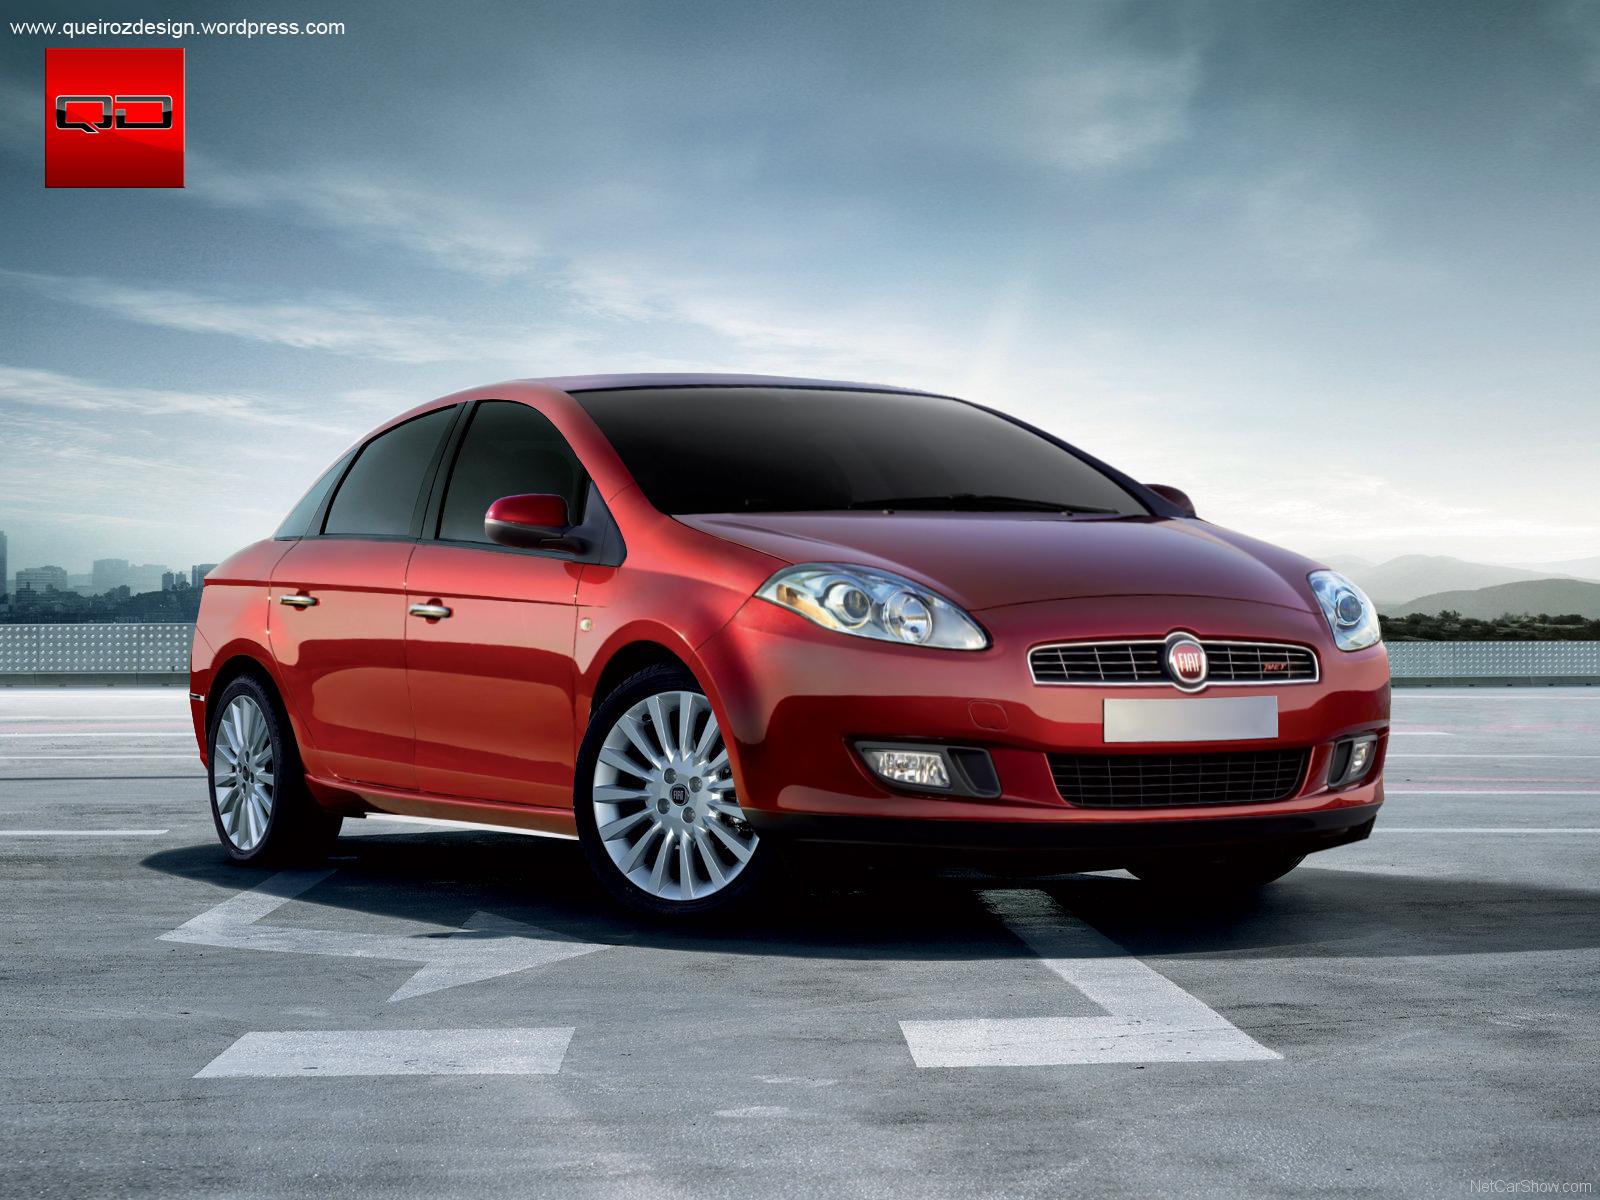 Fiat Linea/Bravo sedan - Clique na Imagem para Ampliar